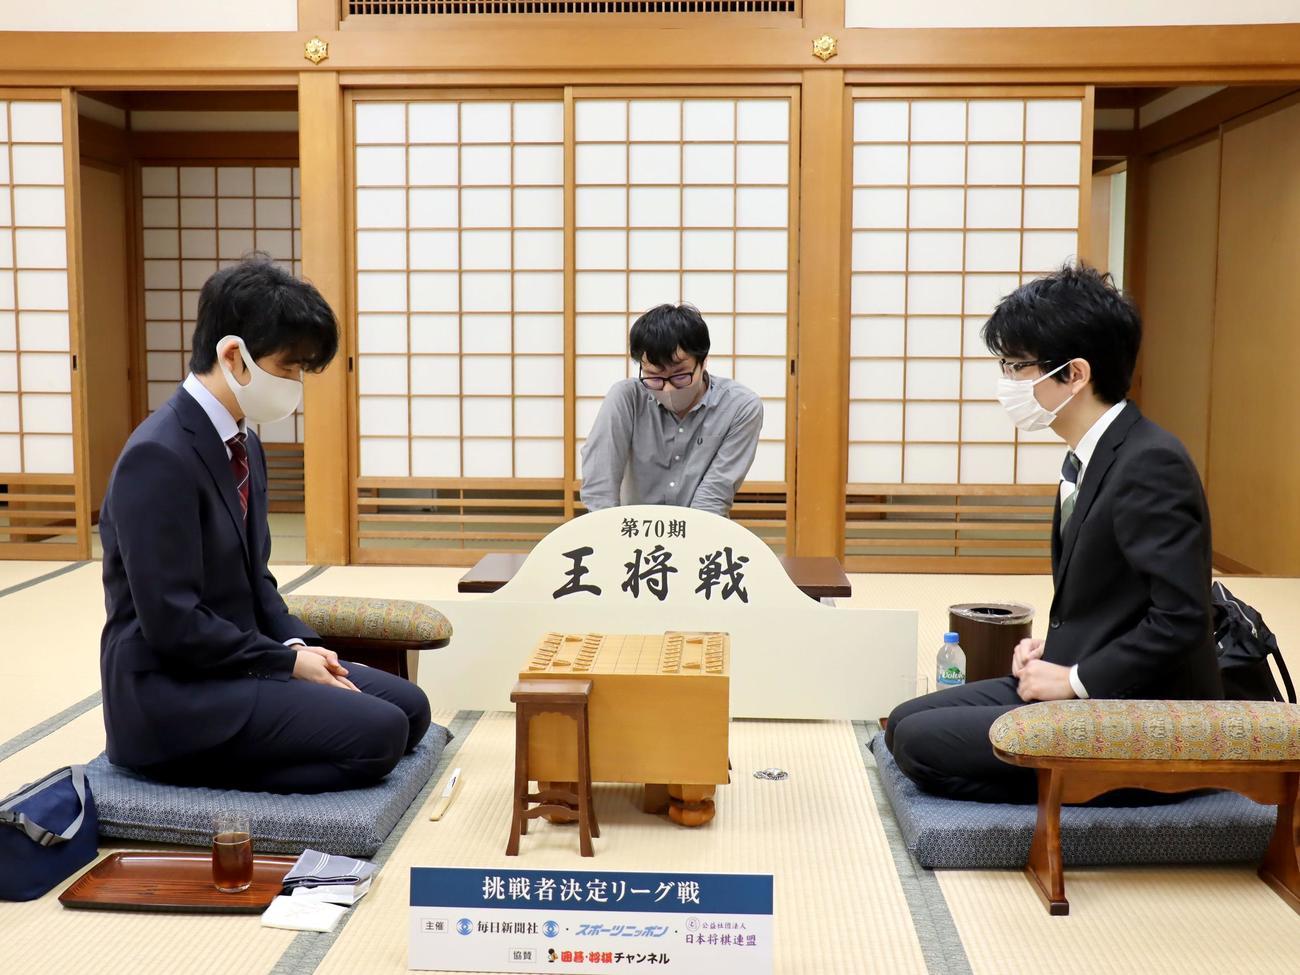 対局に臨んだ藤井聡太2冠(左)、豊島将之2冠(日本将棋連盟提供)